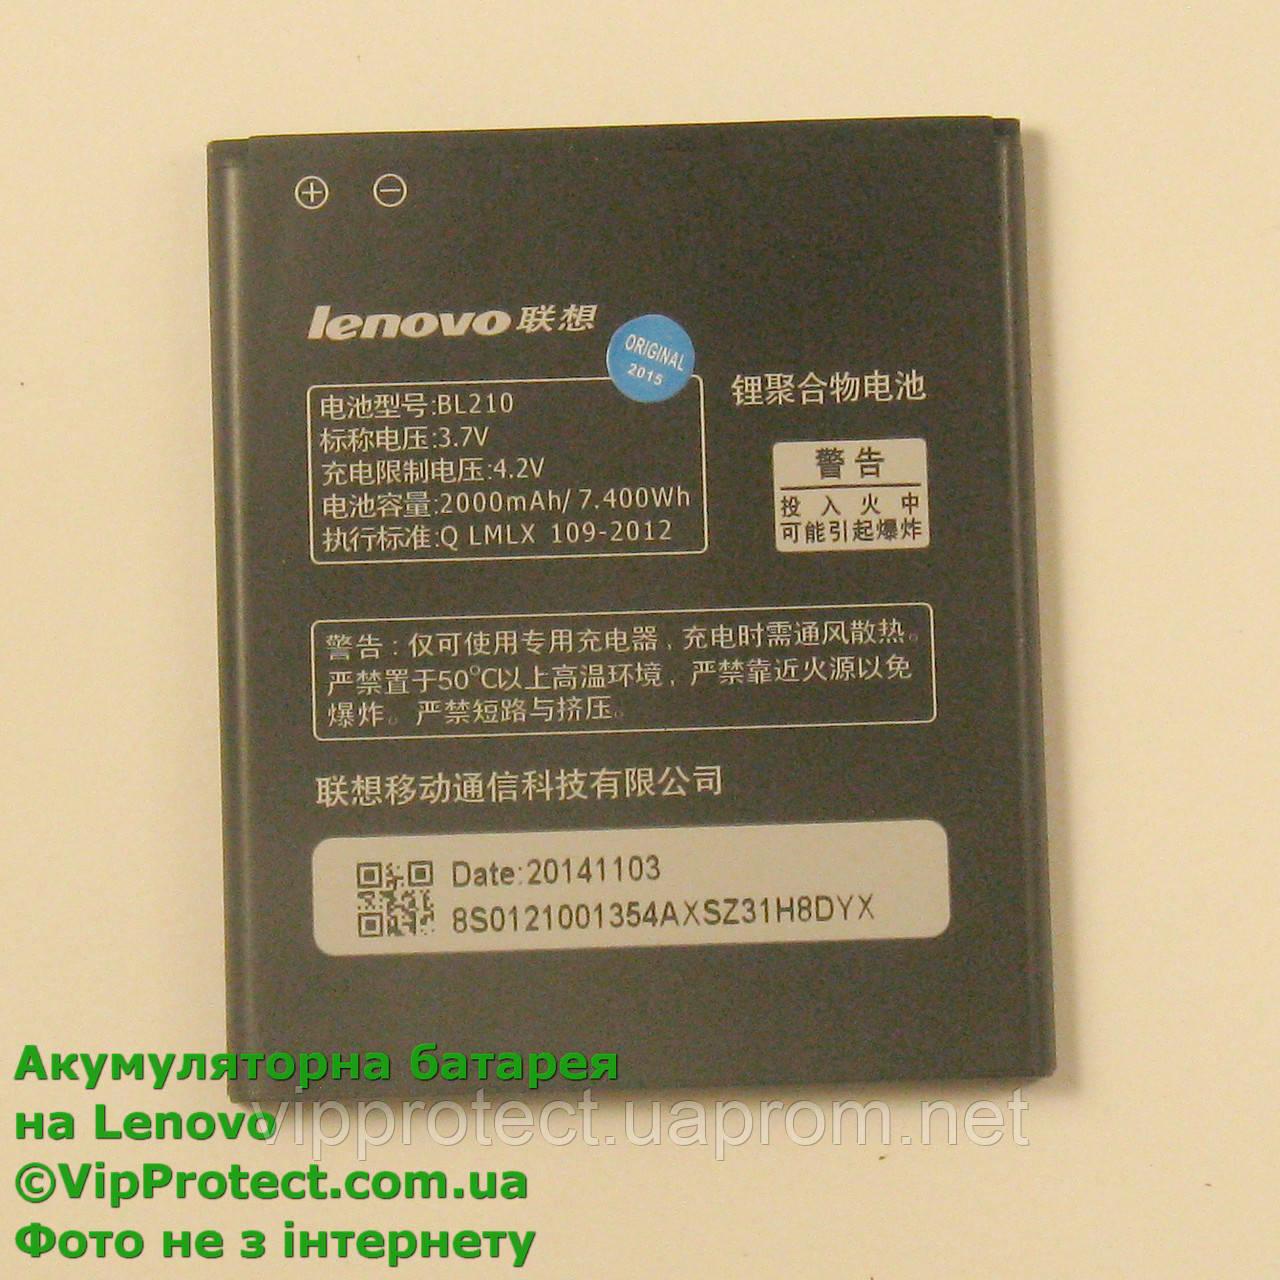 Lenovo S820 BL210 аккумулятор 2000мА⋅ч оригинальный